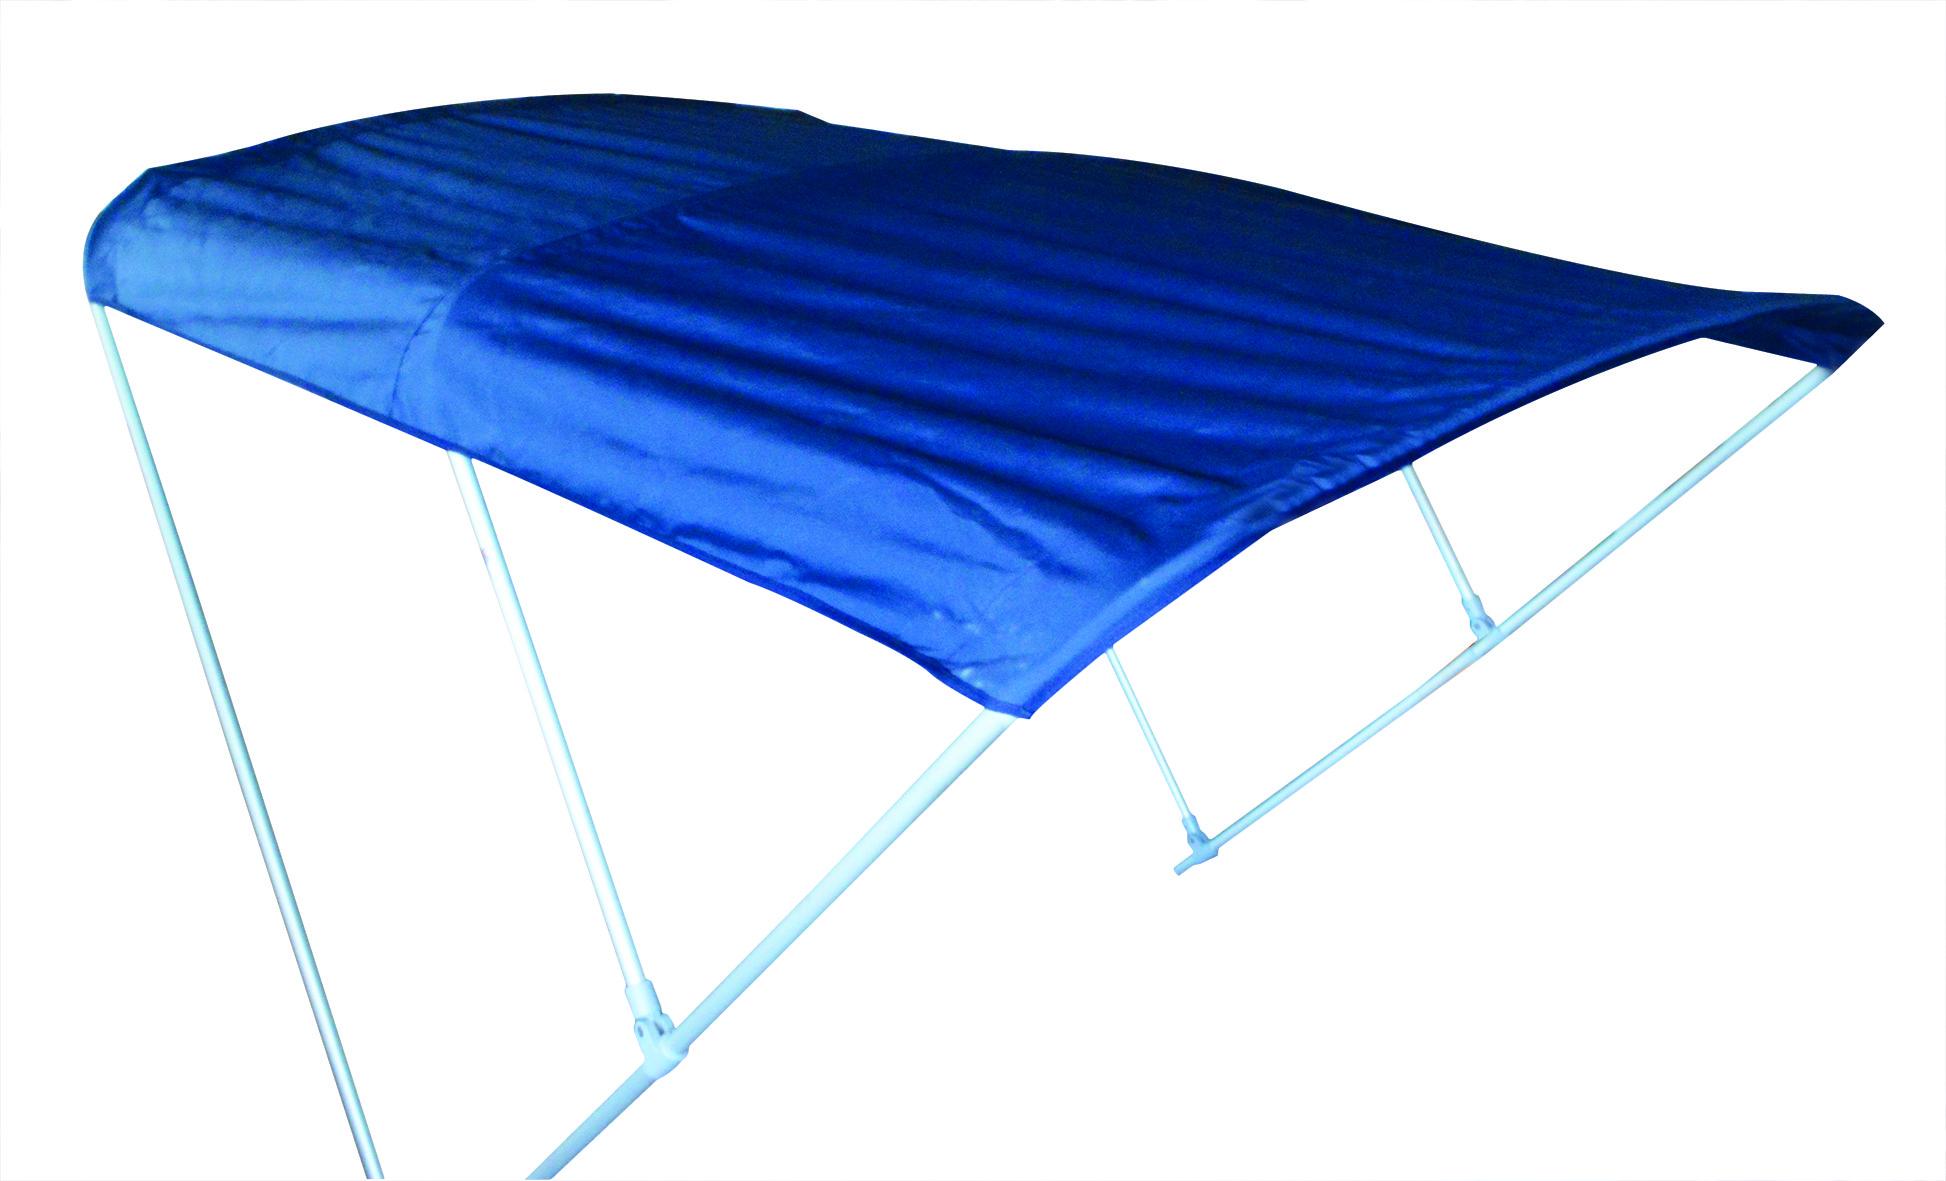 158.25 - Τέντα Με Σταθερά Πλαίσια Αλουμινίου (Με Τρία Μπράτσα) L210 x W 190 x H 130 cm Χρώματος Μπλε